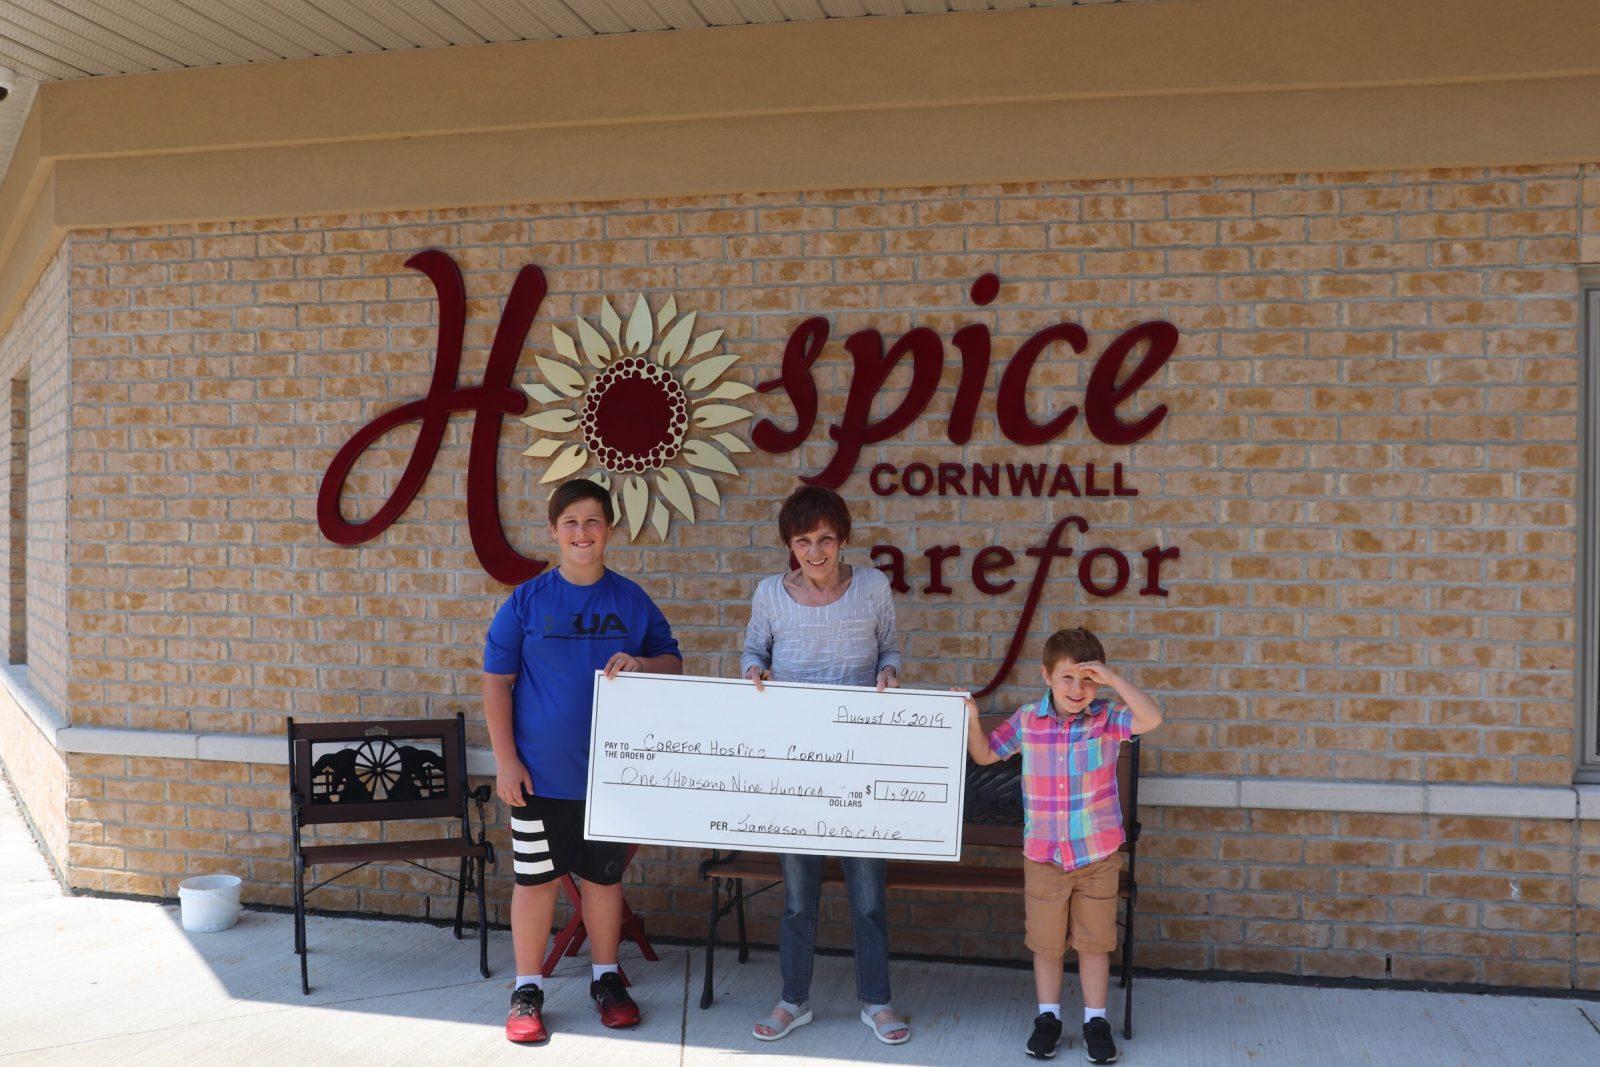 Lemonade stand raises $1,900 for Hospice